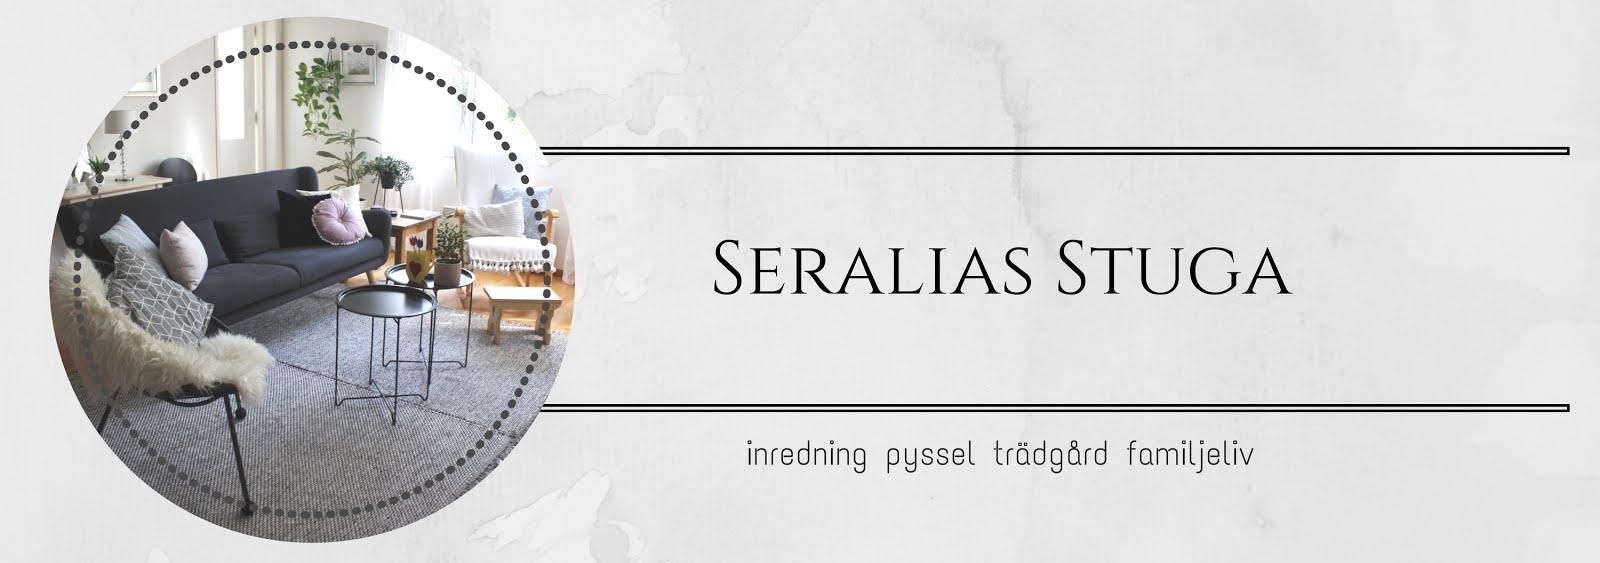 Seralias Stuga